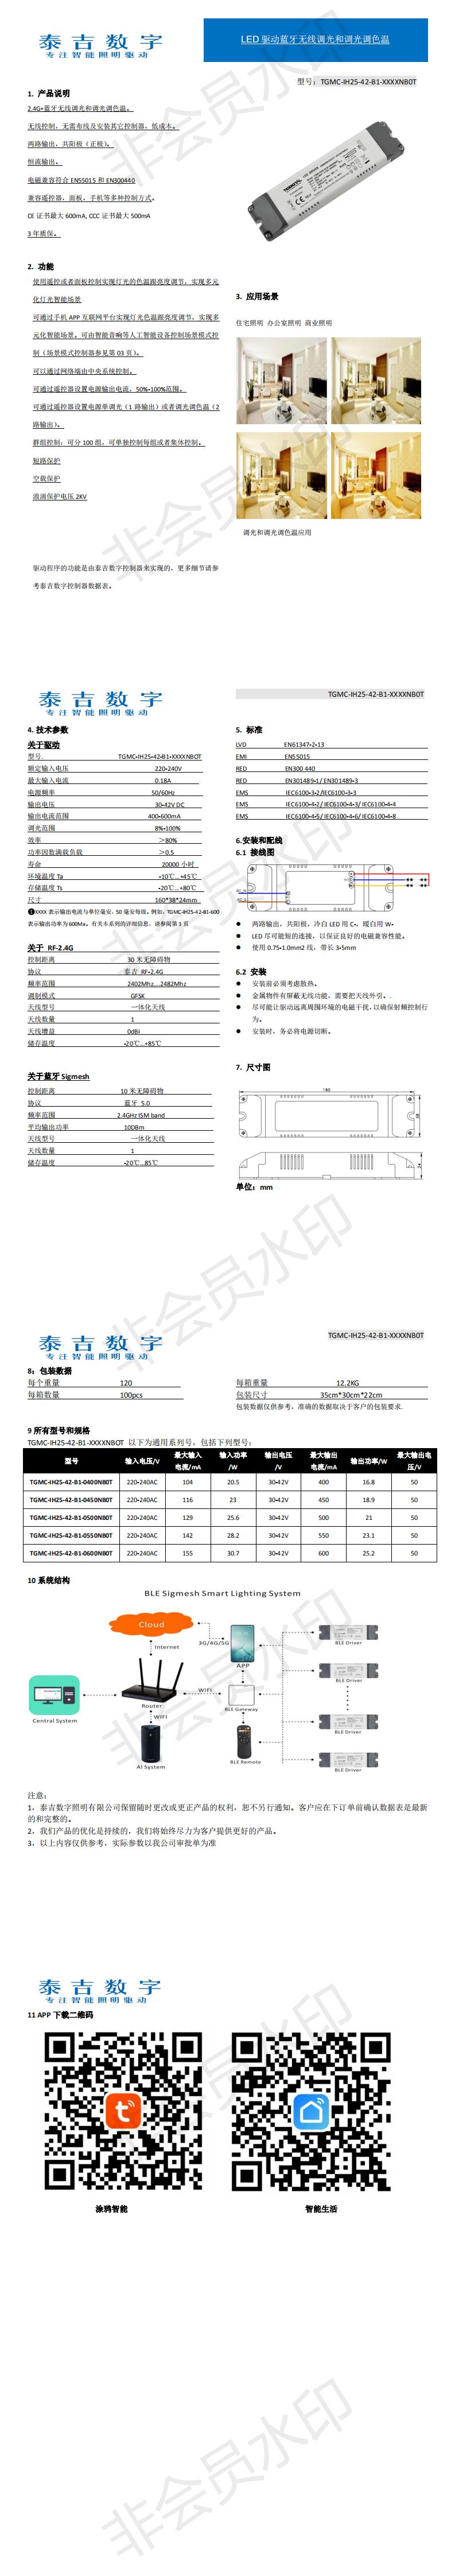 智胜认证版25WSigmesh中文规格